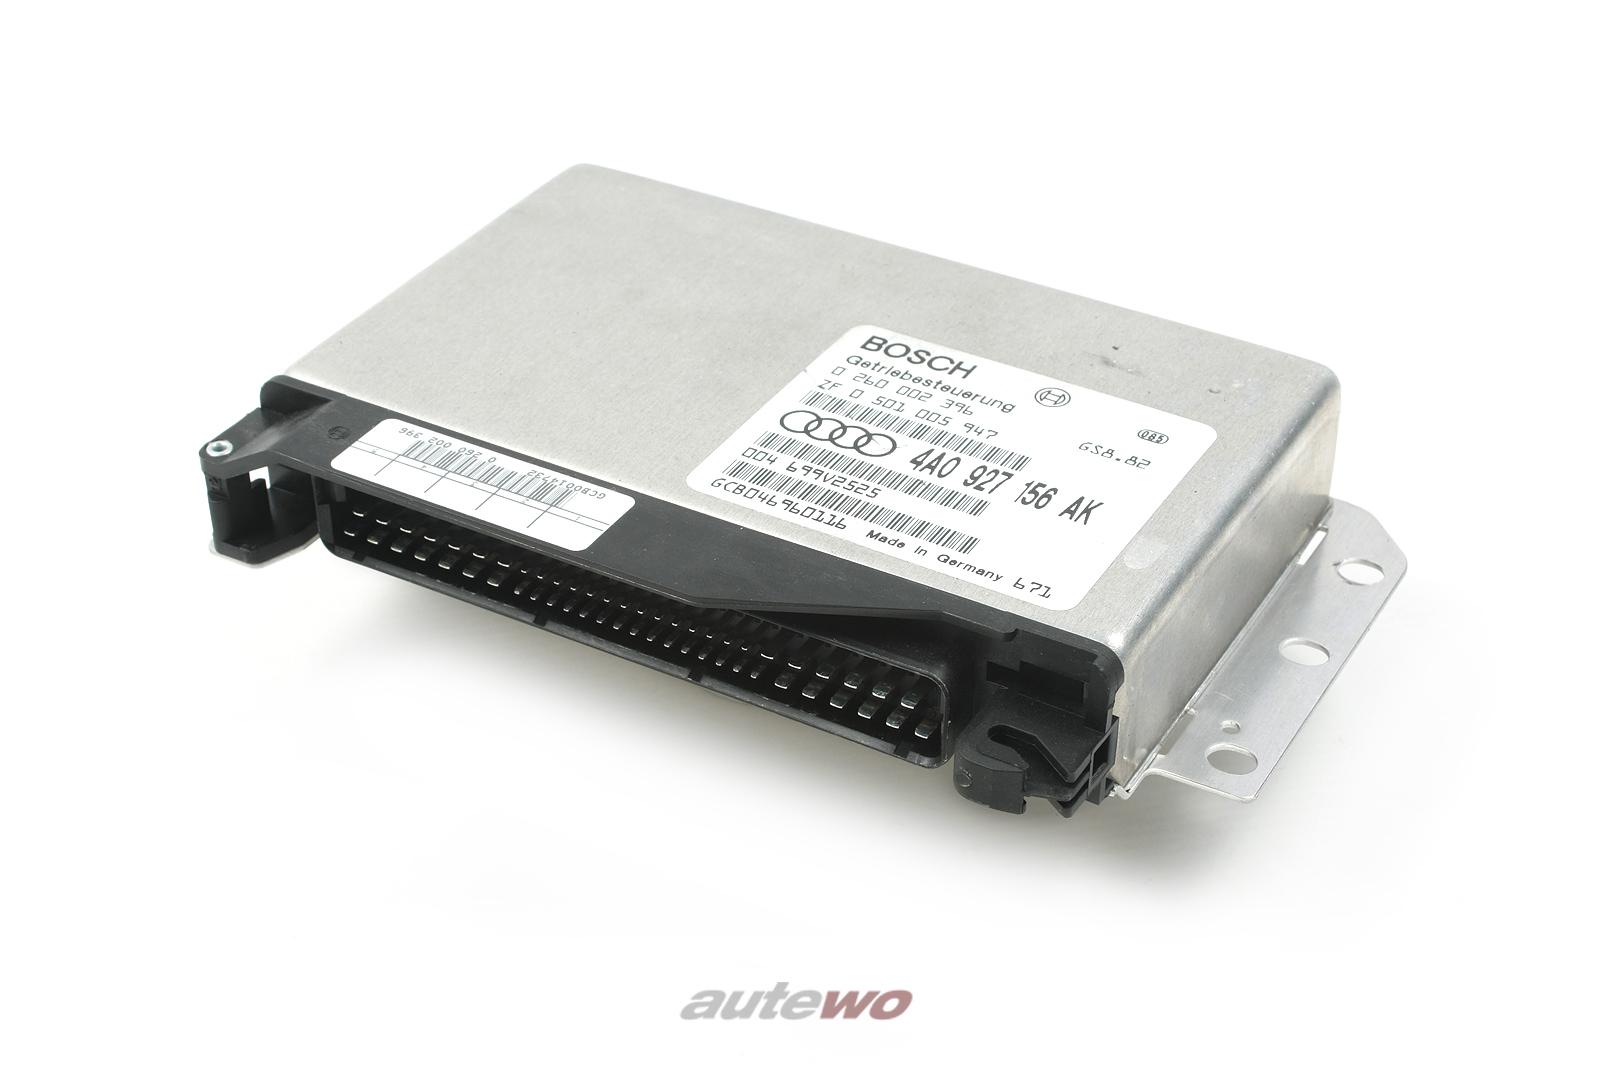 4A0927156AK 0260002396 Audi A6 C4 2.8l Getriebesteuergerät